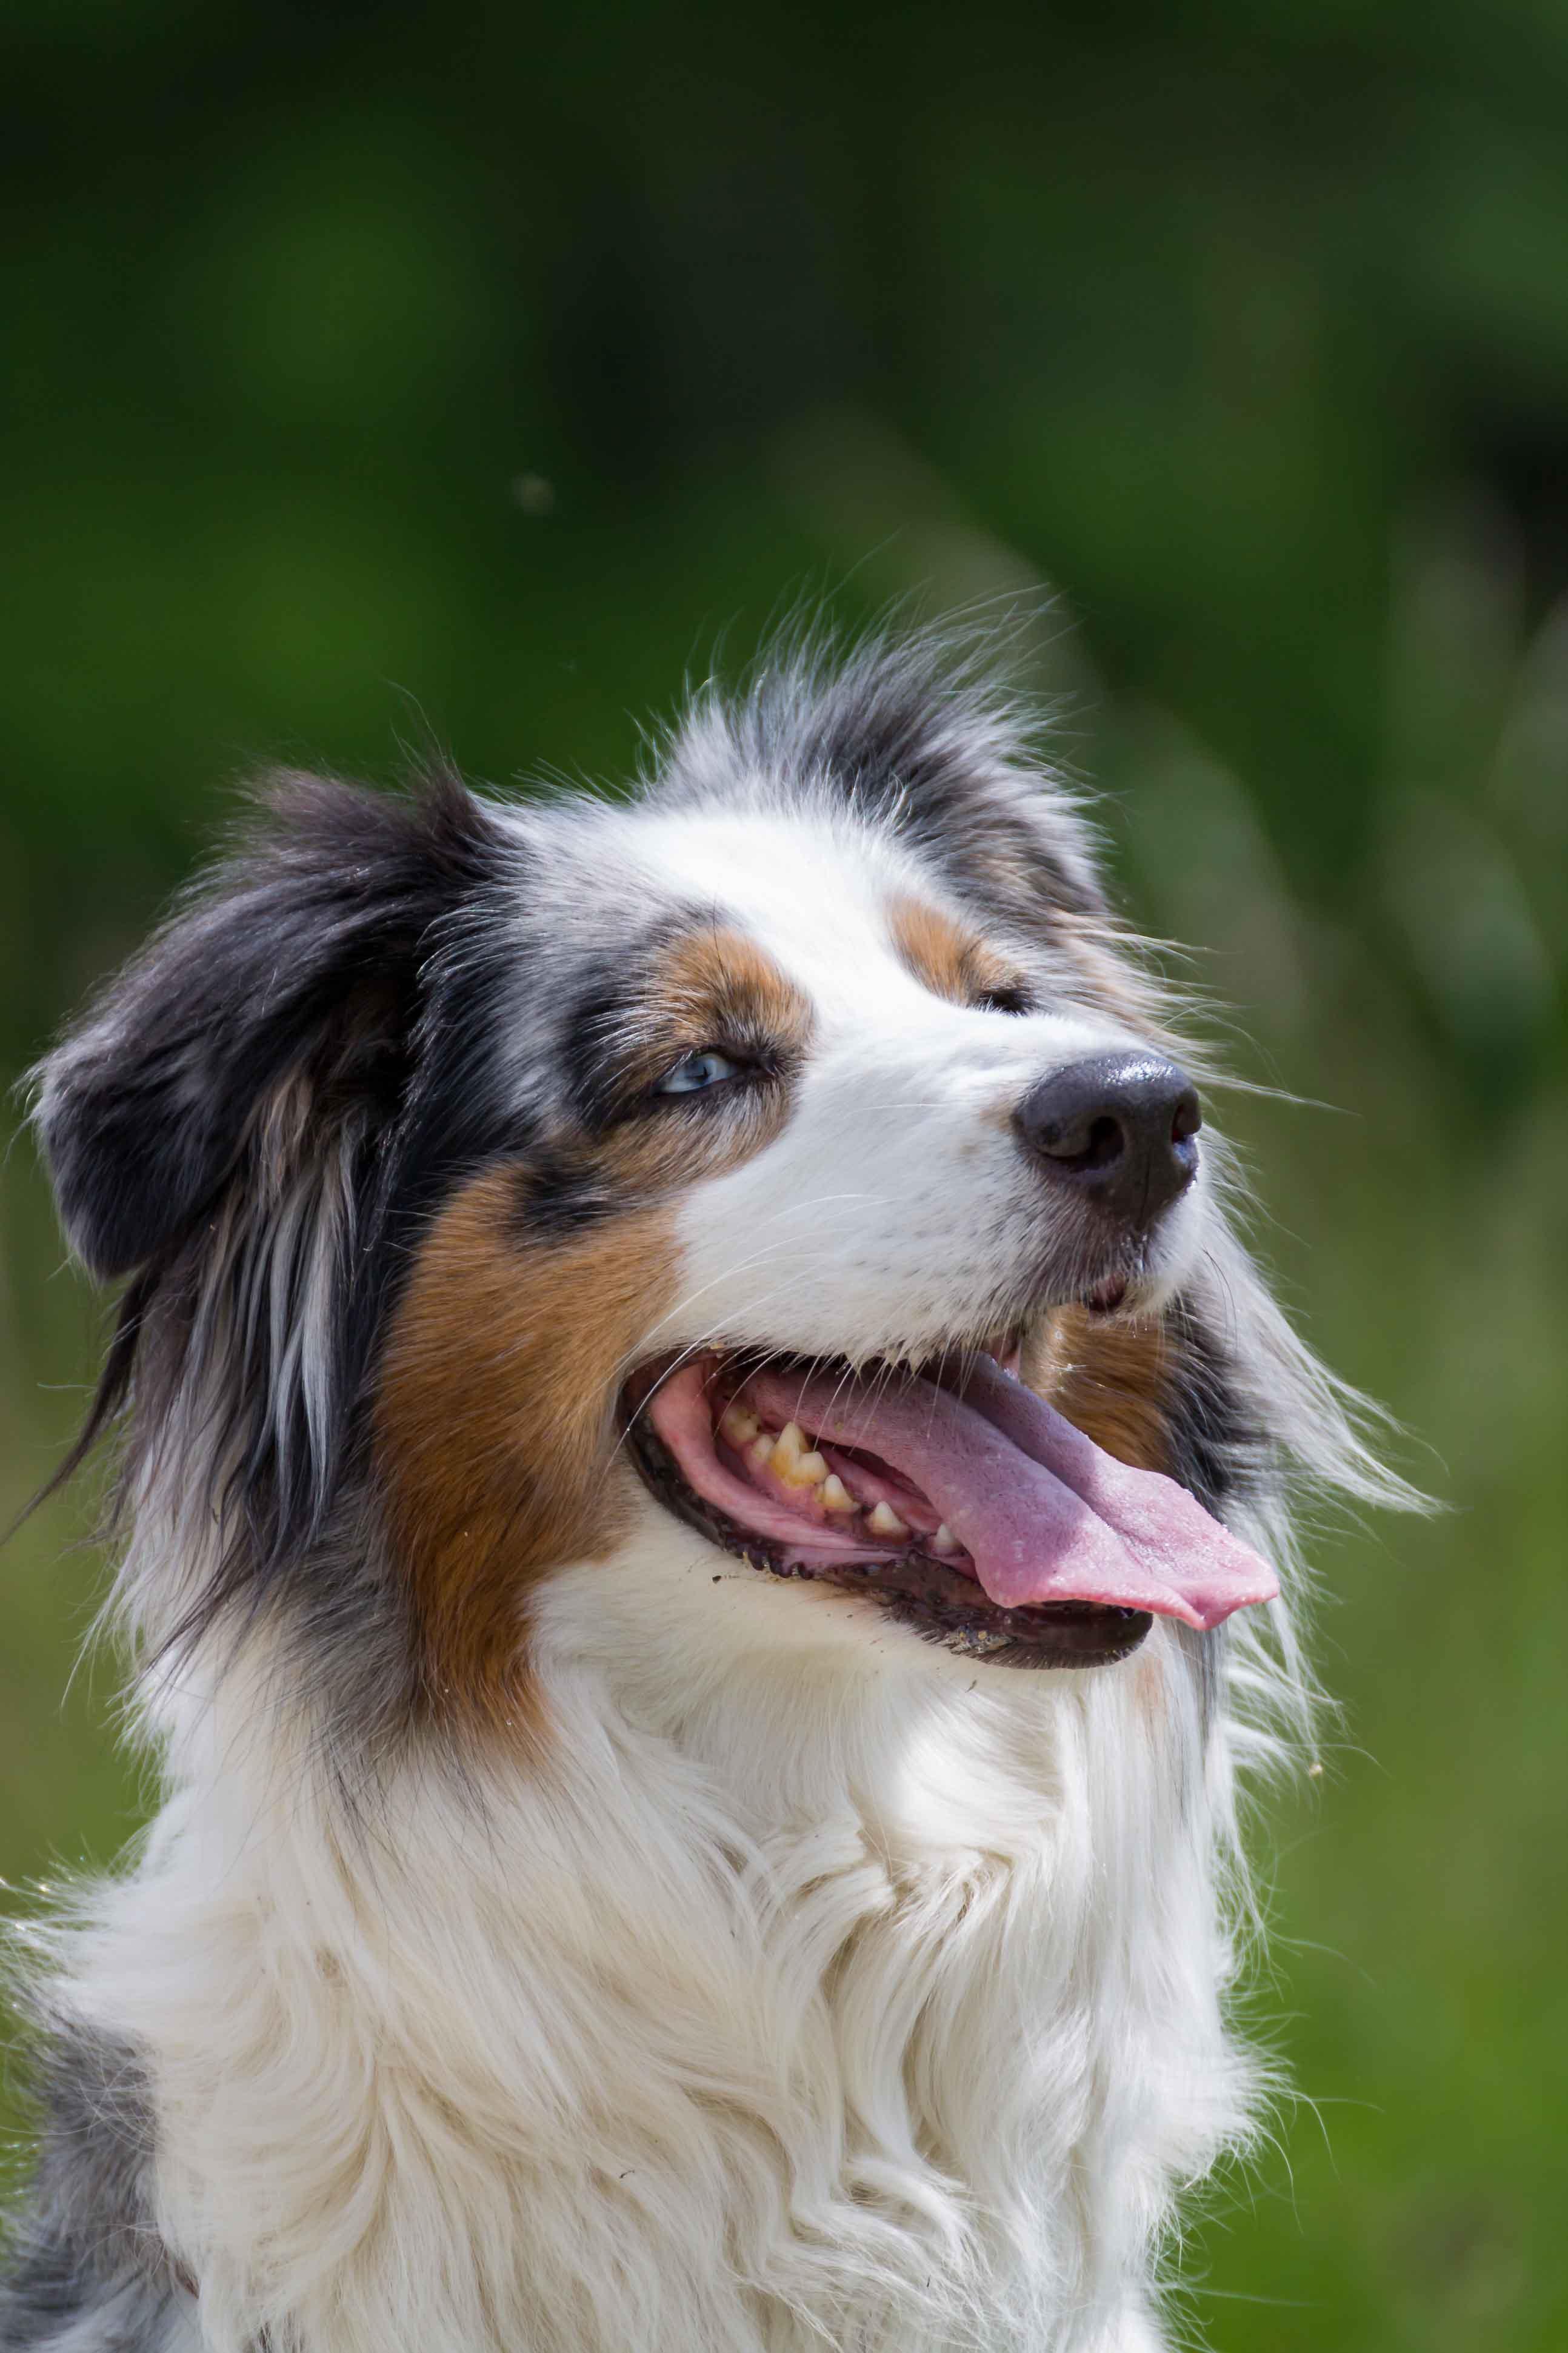 Hund, Katze, Pferd - Tierfotografie IMG 5416w